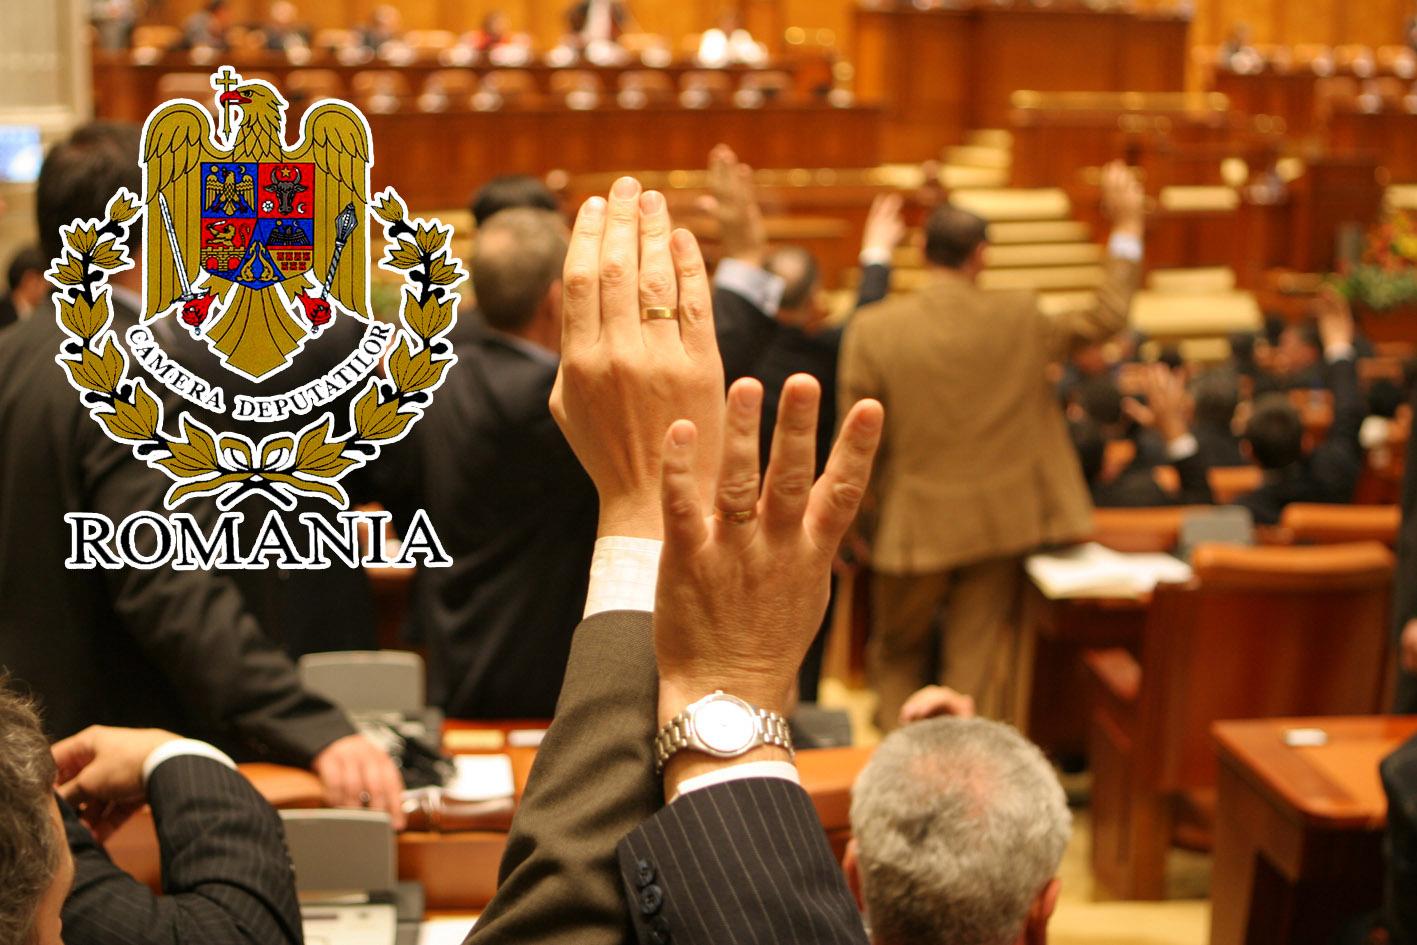 Vot pozitiv covârșitor în Camera Deputaților din Parlamentul României - pentru recunoașterea tuturor românilor de pretutindeni.